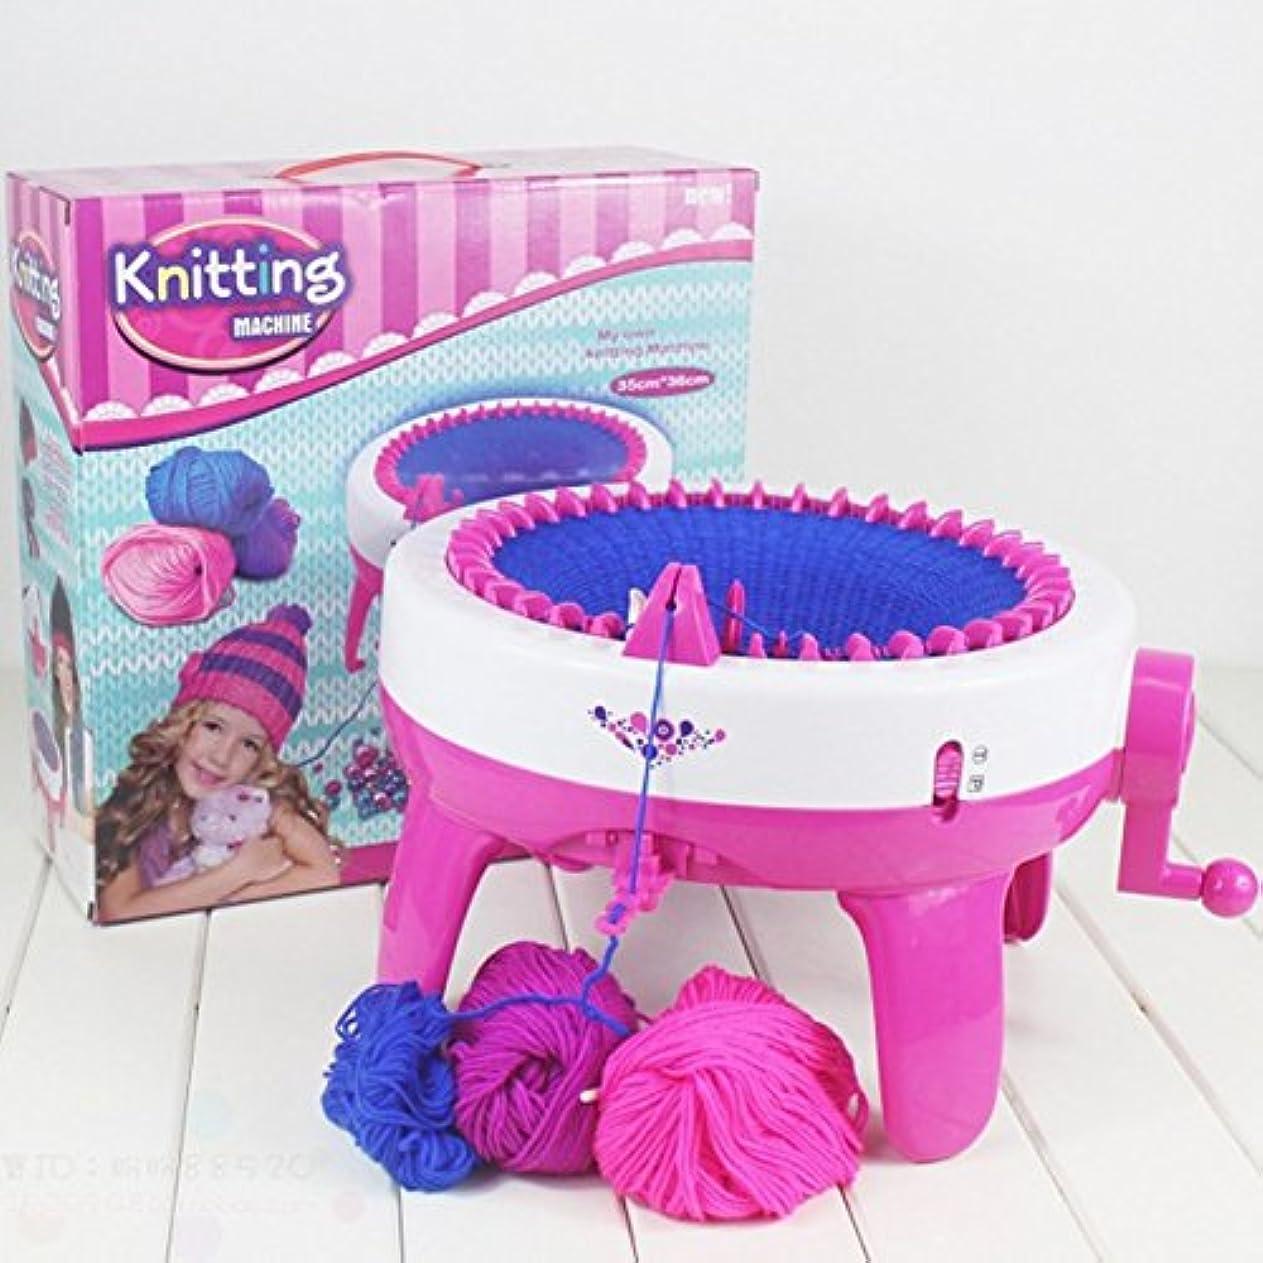 心理的に開始粘着性Saikogoods おかしいデザイン子供女の子編機DIYマニュアル帽子スカーフ編み機ニットセーターのおもちゃ子供のための ピンク&ホワイト